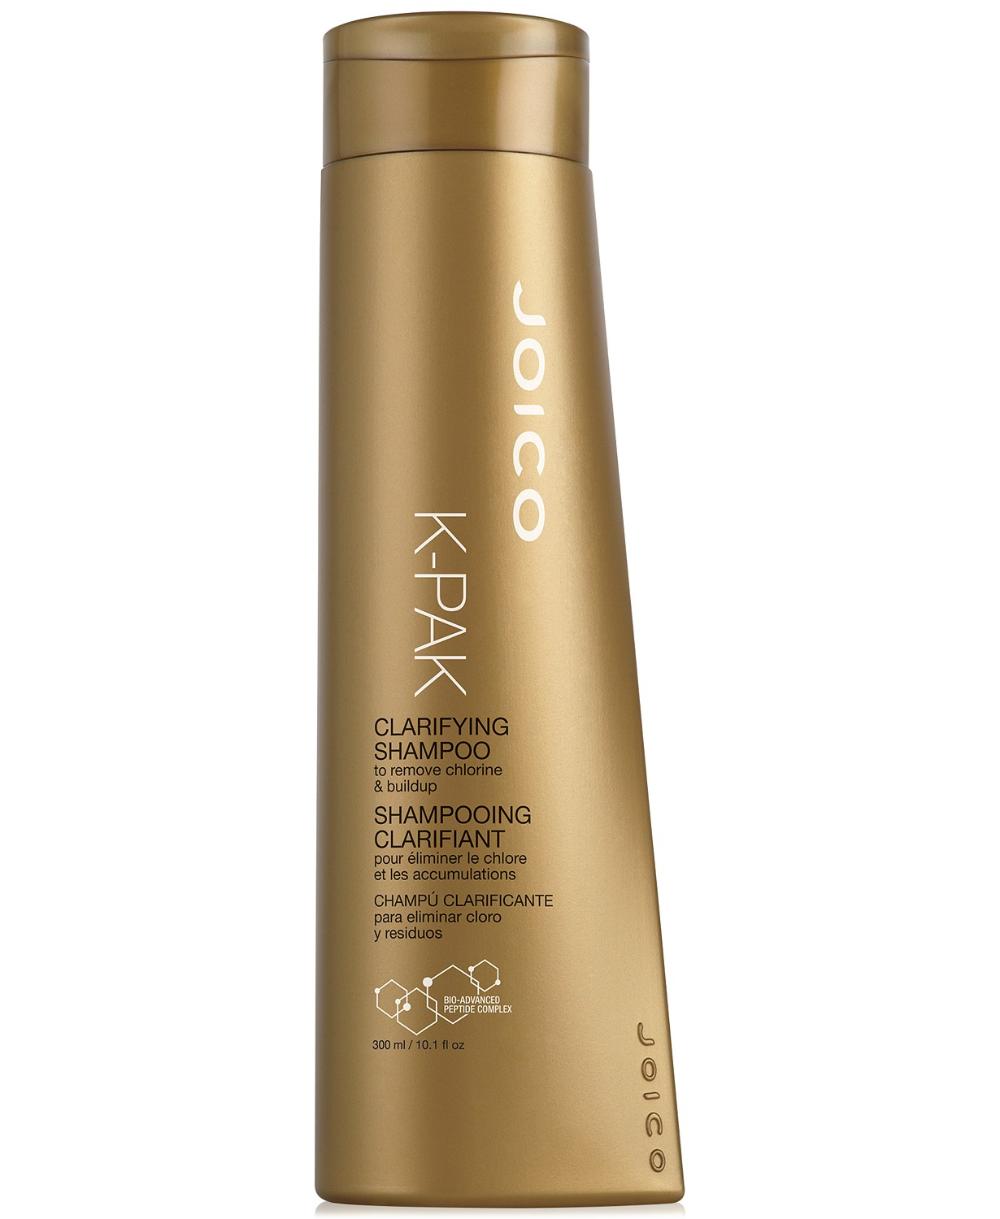 Joico KPAK Clarifying Shampoo, 10.1oz., from PUREBEAUTY